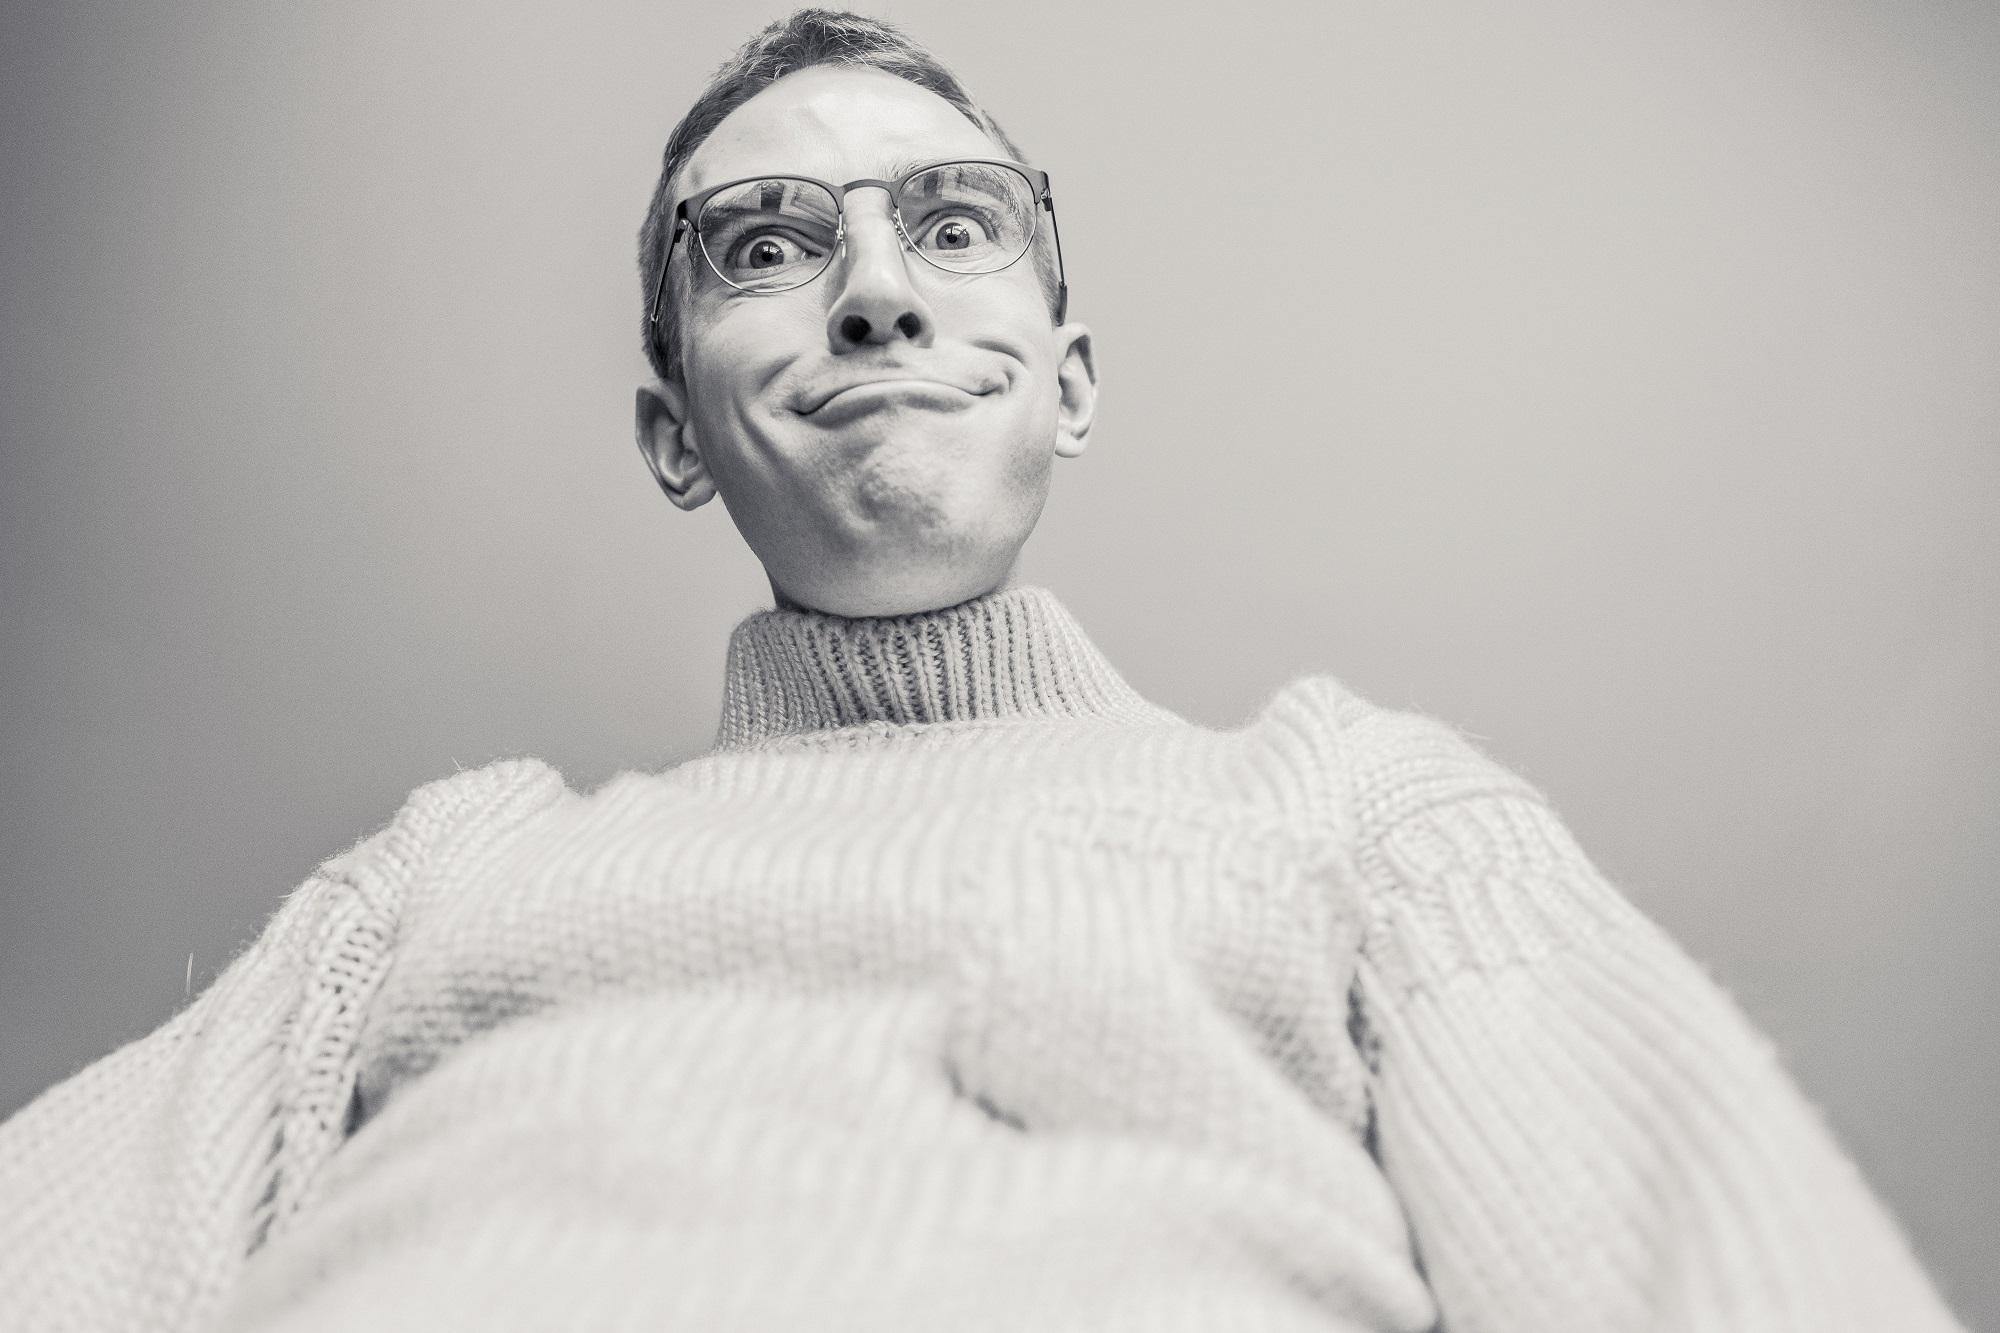 10 reči zbog kojih pametni ljudi izgledaju glupo